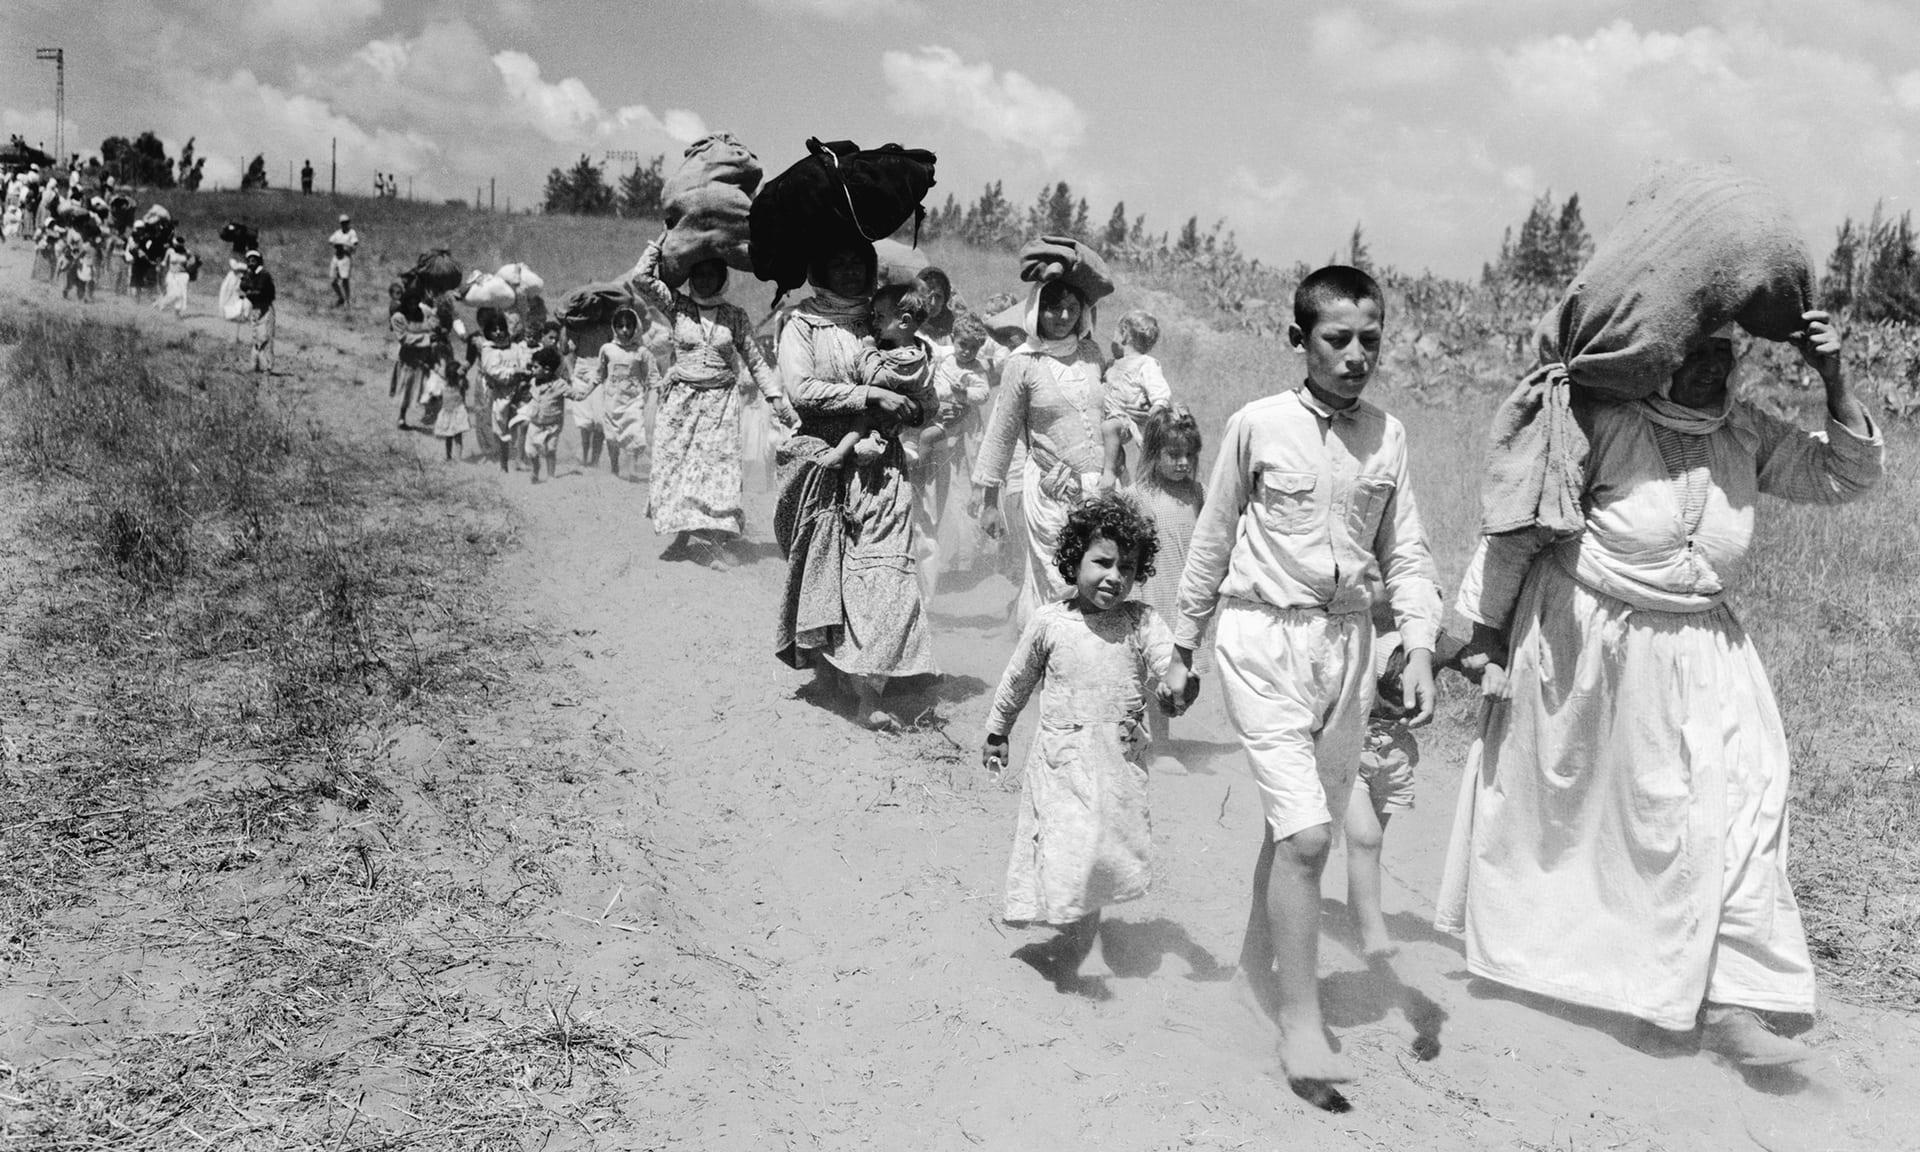 Gerusalemme è l'ultimo capitolo di un secolo di colonialismo